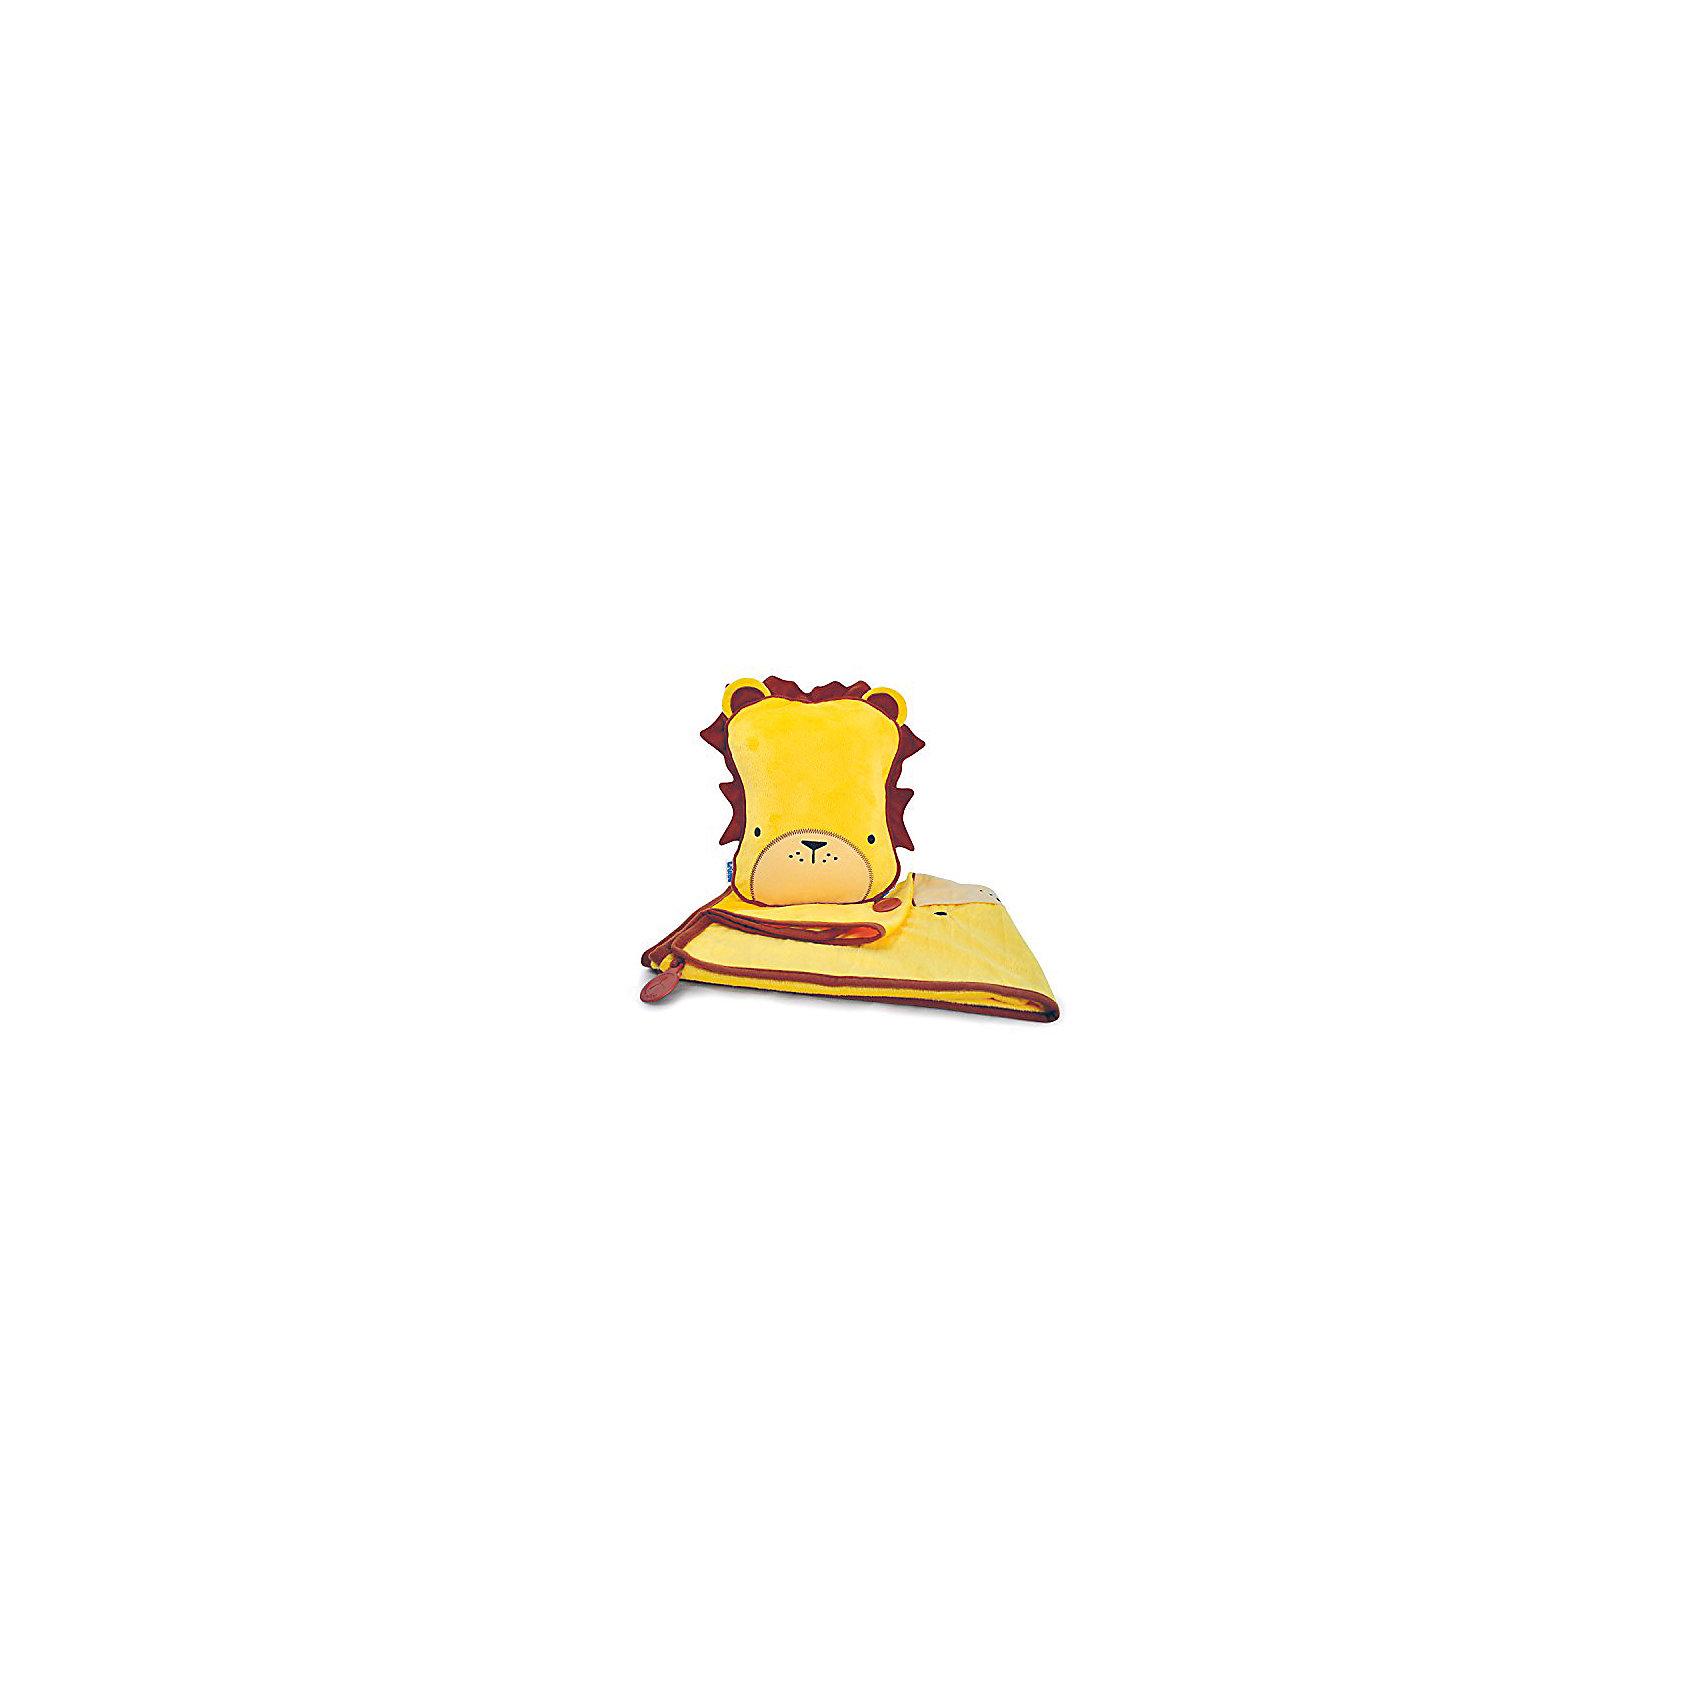 TRUNKI Подушка с пледом, ЛевДомашний текстиль<br>Удивительно полезный дорожный набор должен быть у каждого маленького путешественника! Подушку с пледом внутри легко и просто можно брать с собой в самолет, поезд или машину. Ваш малыш теперь будет с комфортом спать в дороге, положив головку на мягкую надувную подушку и укрывшись одеялом. <br>Подушка выполнена в виде забавной розовой рожицы. На пледе есть специальный кармашек, куда можно посадить свою любимую игрушку, чтобы она тоже поспала. Имеется уникальный «замочек», с помощью которого крепится угол одеяла к подушке, чтобы плед не свалился в момент сна. В это время родители смогут также отдохнуть и расслабиться в полной тишине.  <br>Размер подушки: 26 х 21 см. <br>Размер пледа: 70 х 90 см<br><br>Ширина мм: 245<br>Глубина мм: 130<br>Высота мм: 335<br>Вес г: 502<br>Возраст от месяцев: 36<br>Возраст до месяцев: 96<br>Пол: Мужской<br>Возраст: Детский<br>SKU: 2808079